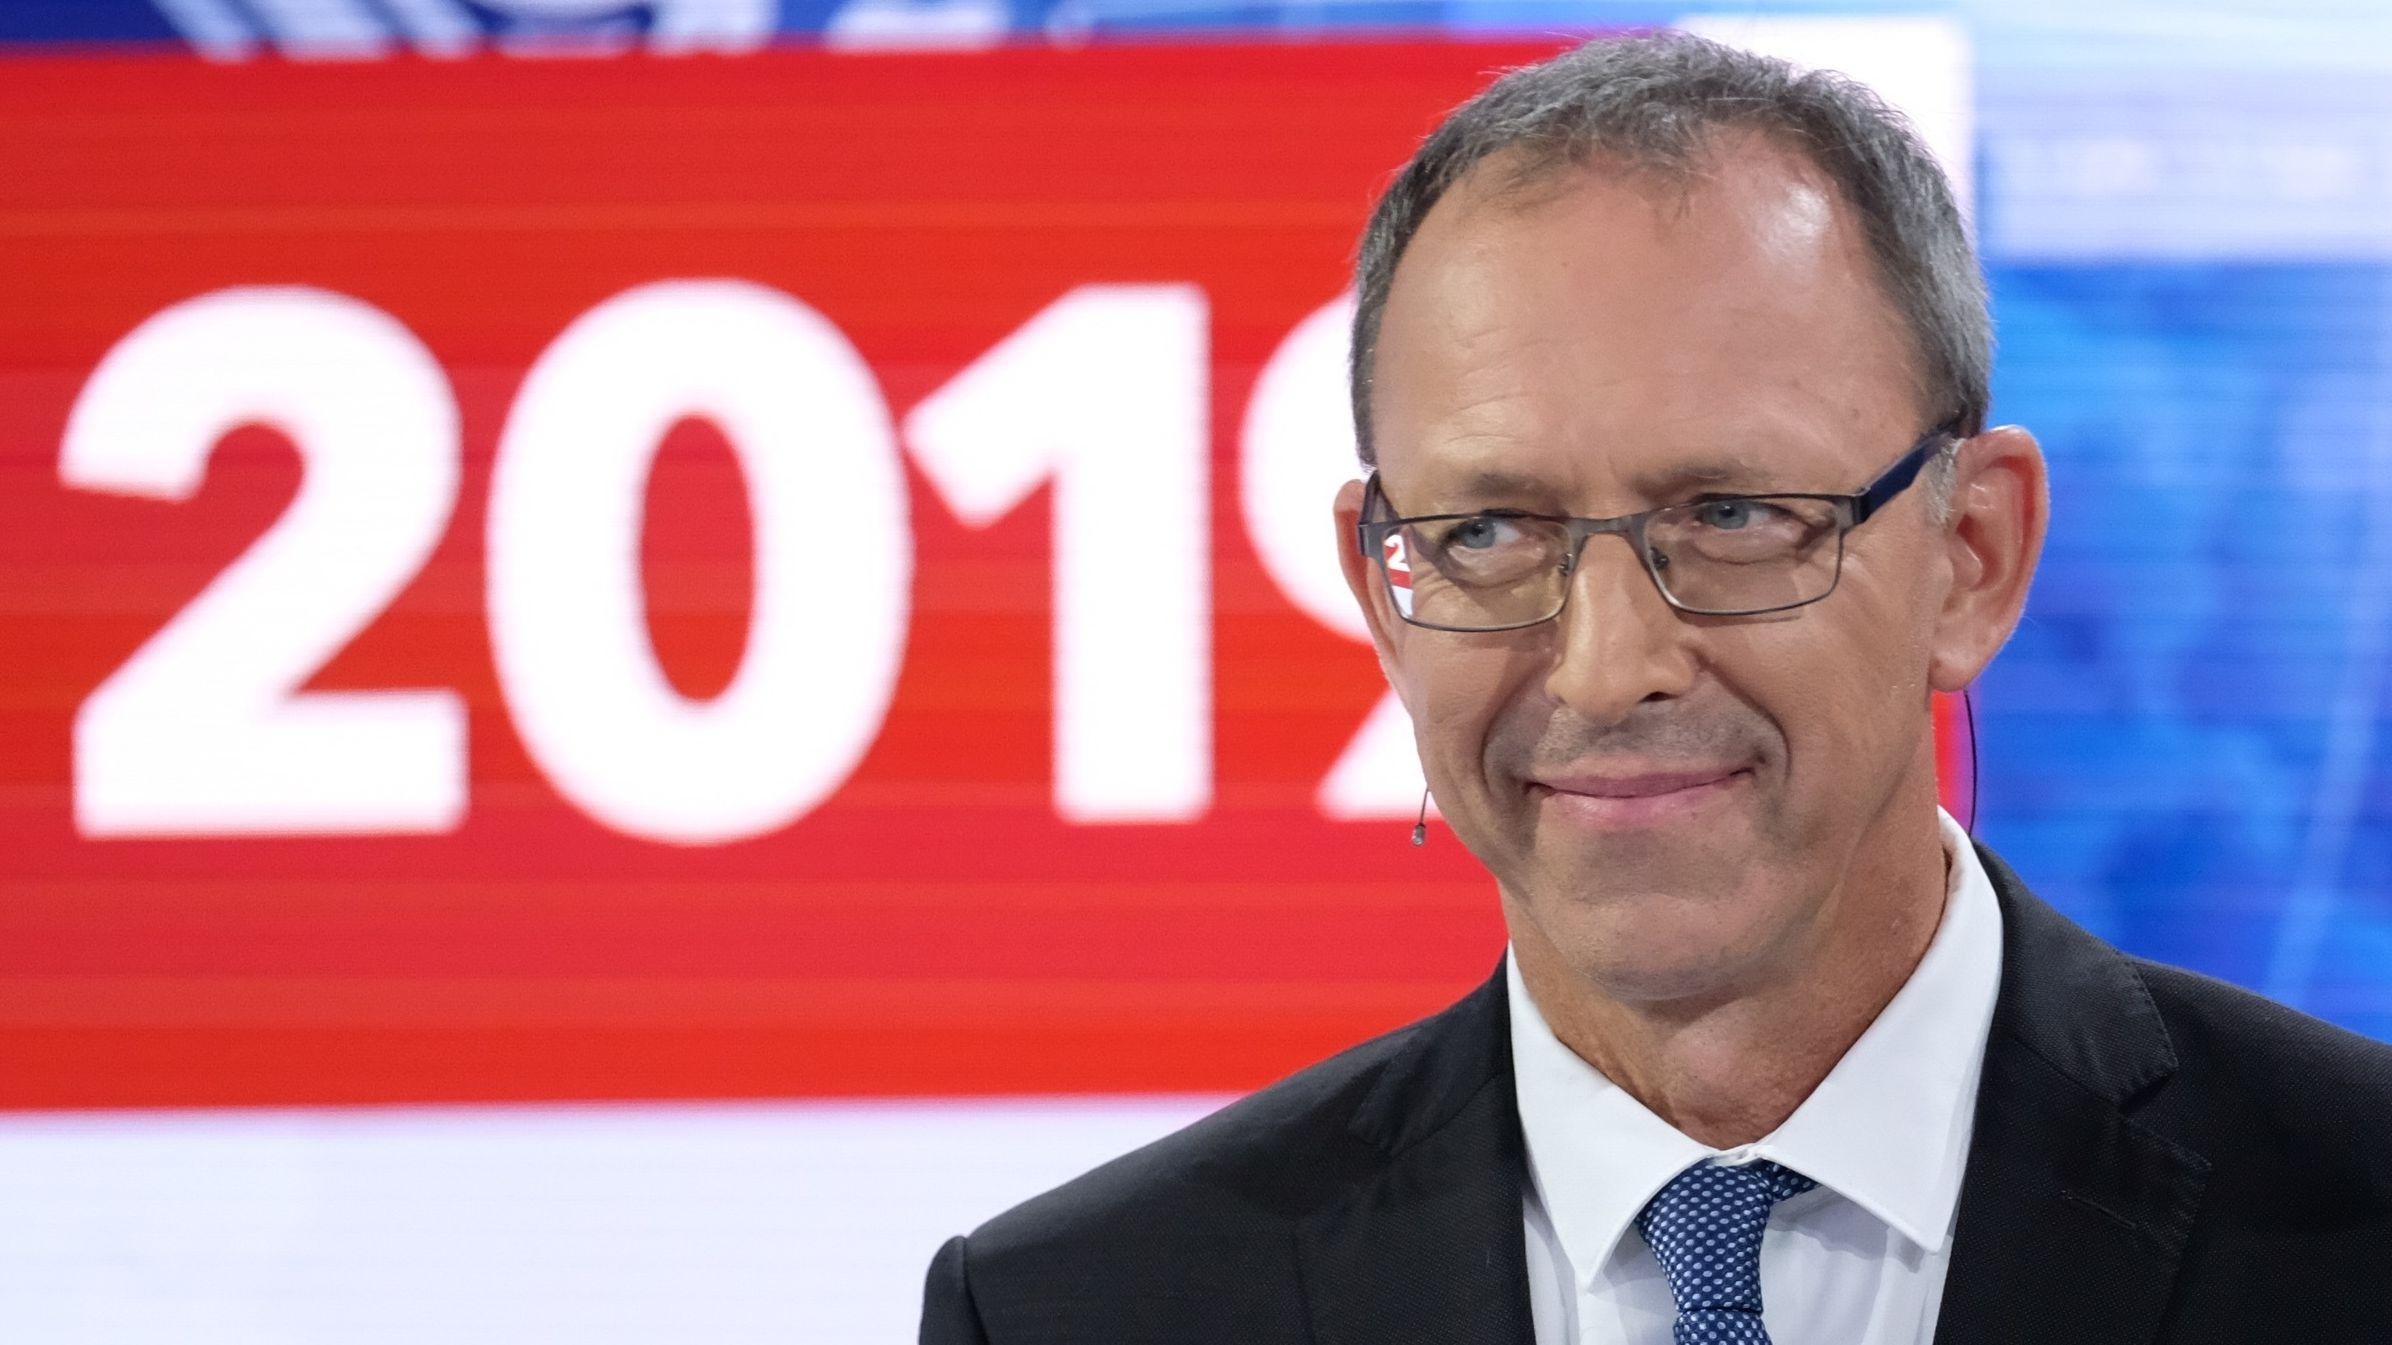 Jörg Urban, Landesvorsitzender der sächsischen AfD, will weiter gegen die Listenkürzung vorgehen